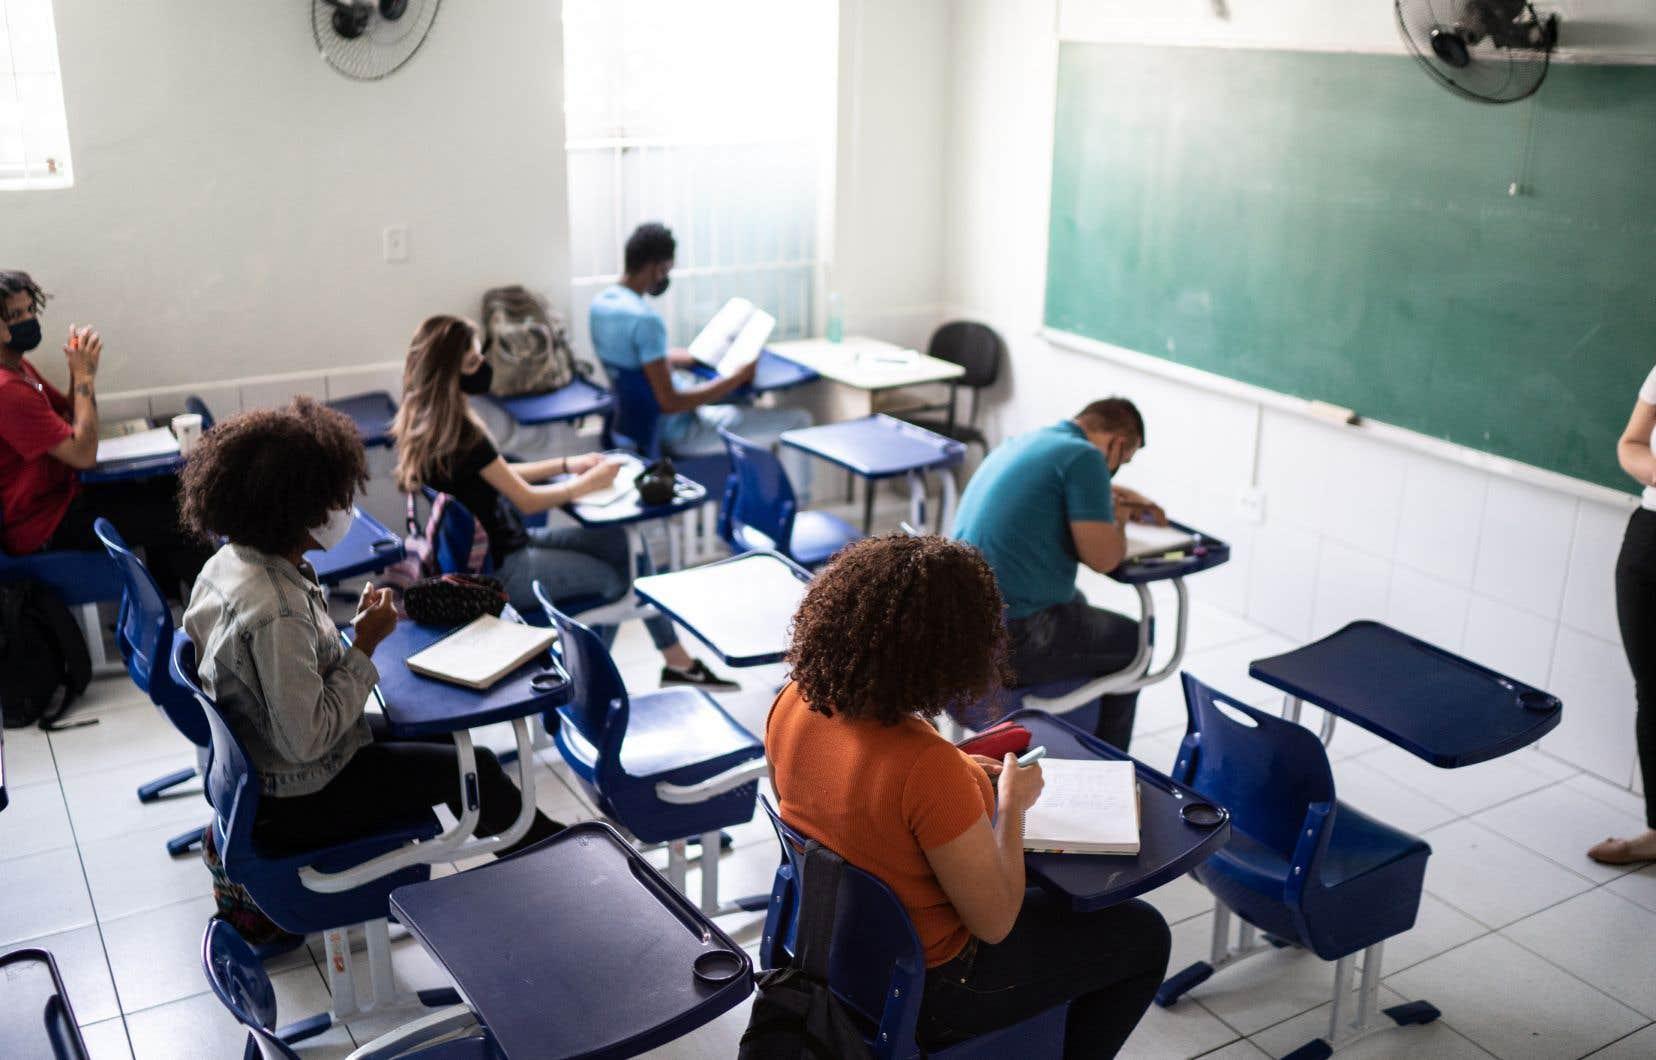 De tous les  étudiants  internationaux dans le réseau collégial, près de la moitié  proviennent  de l'Inde (7687), dépassant les  effectifs de la France (4072), selon les  données  préliminaires  de 2019.